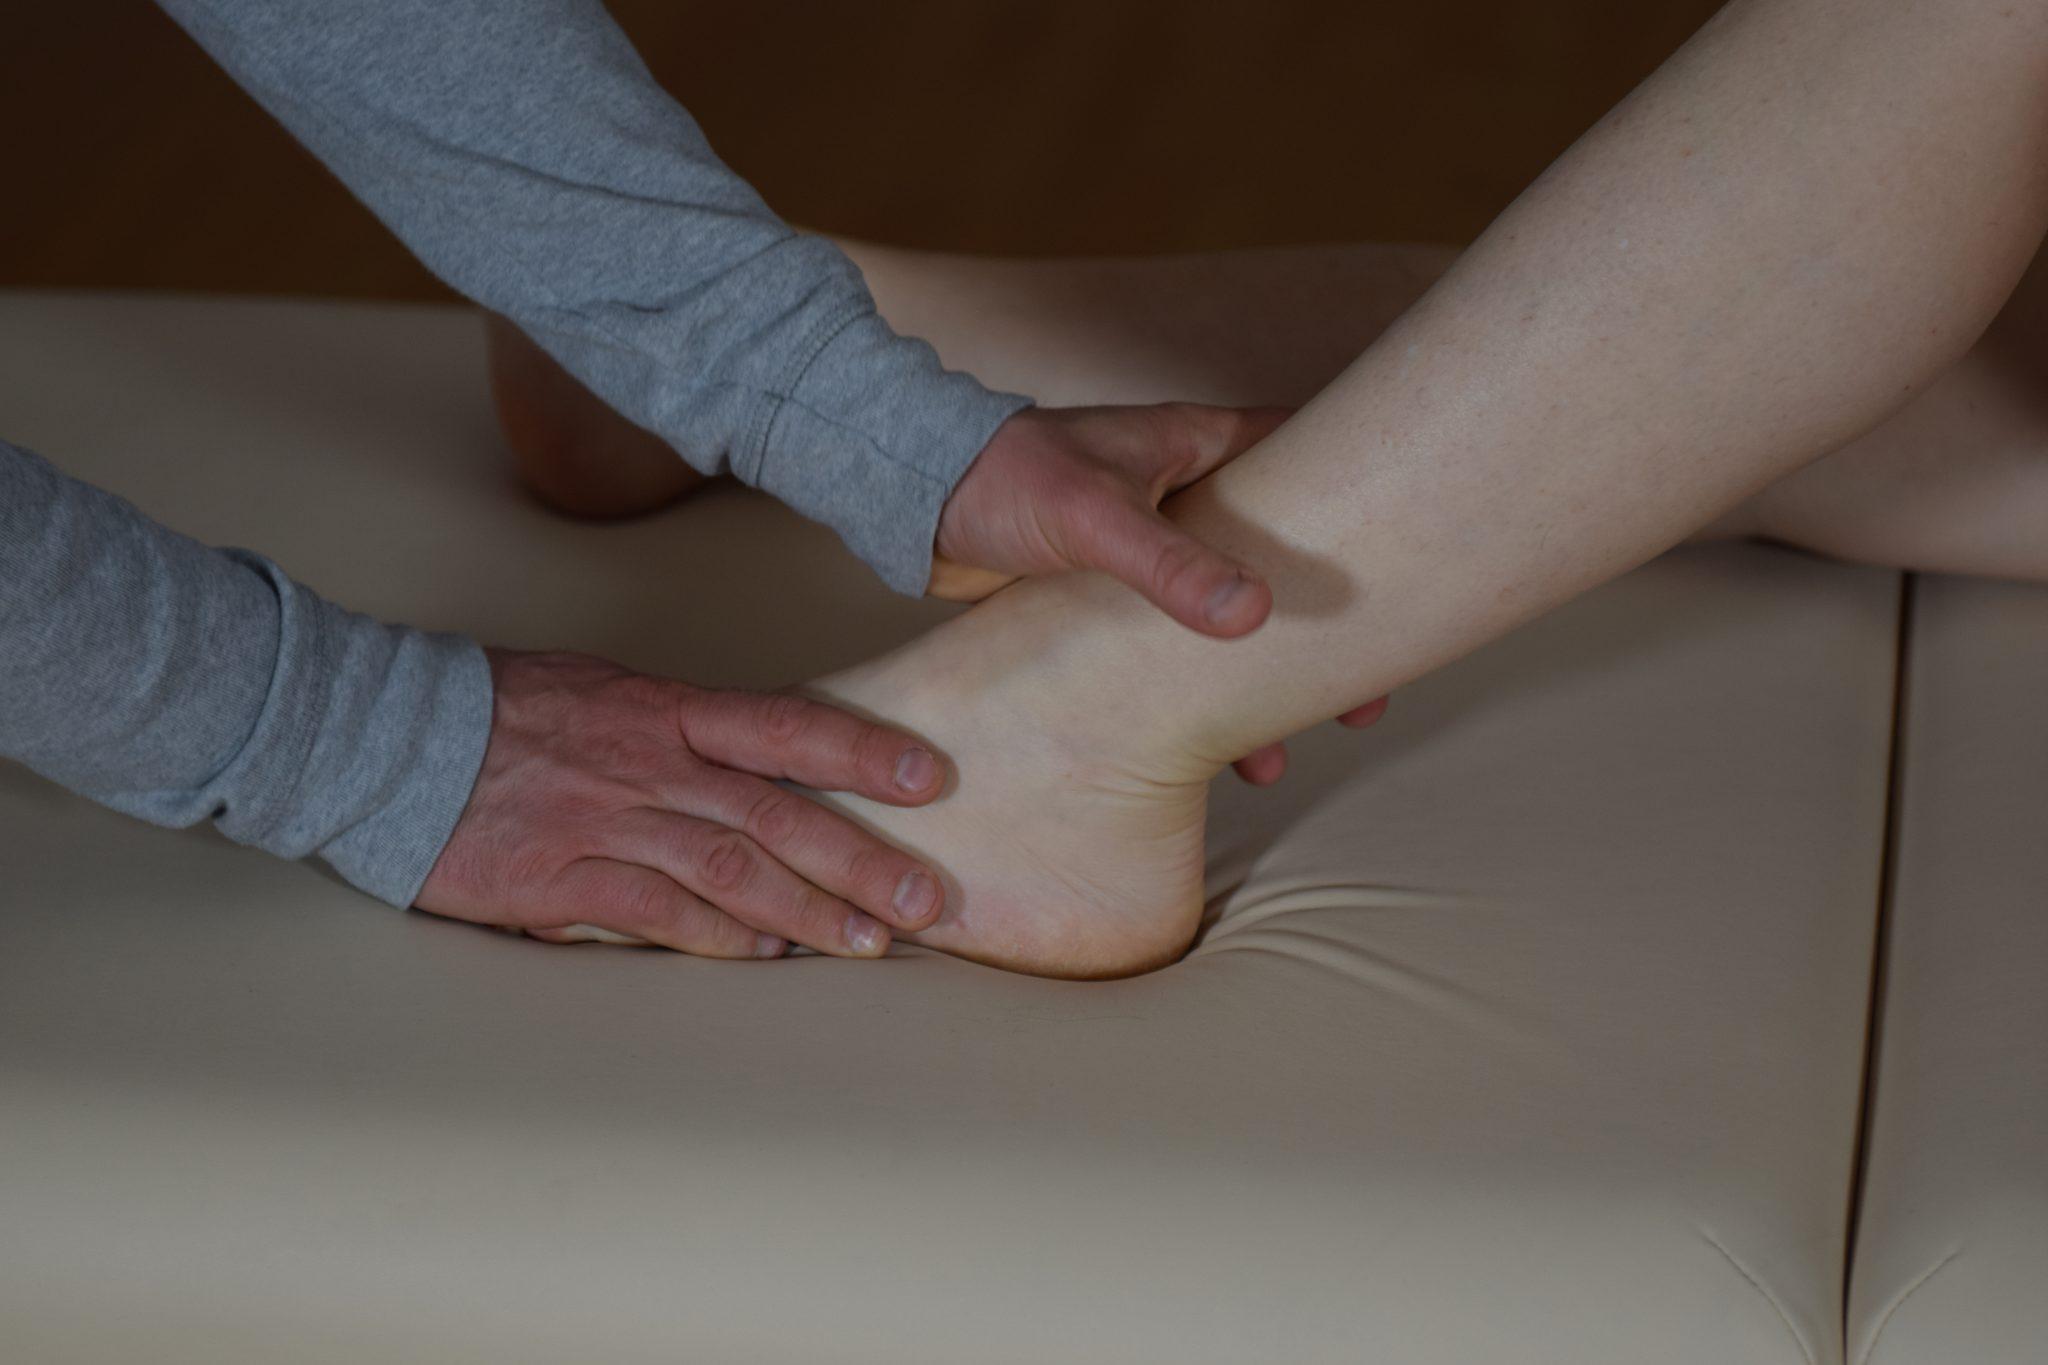 kursus fod og underben manuel behandling